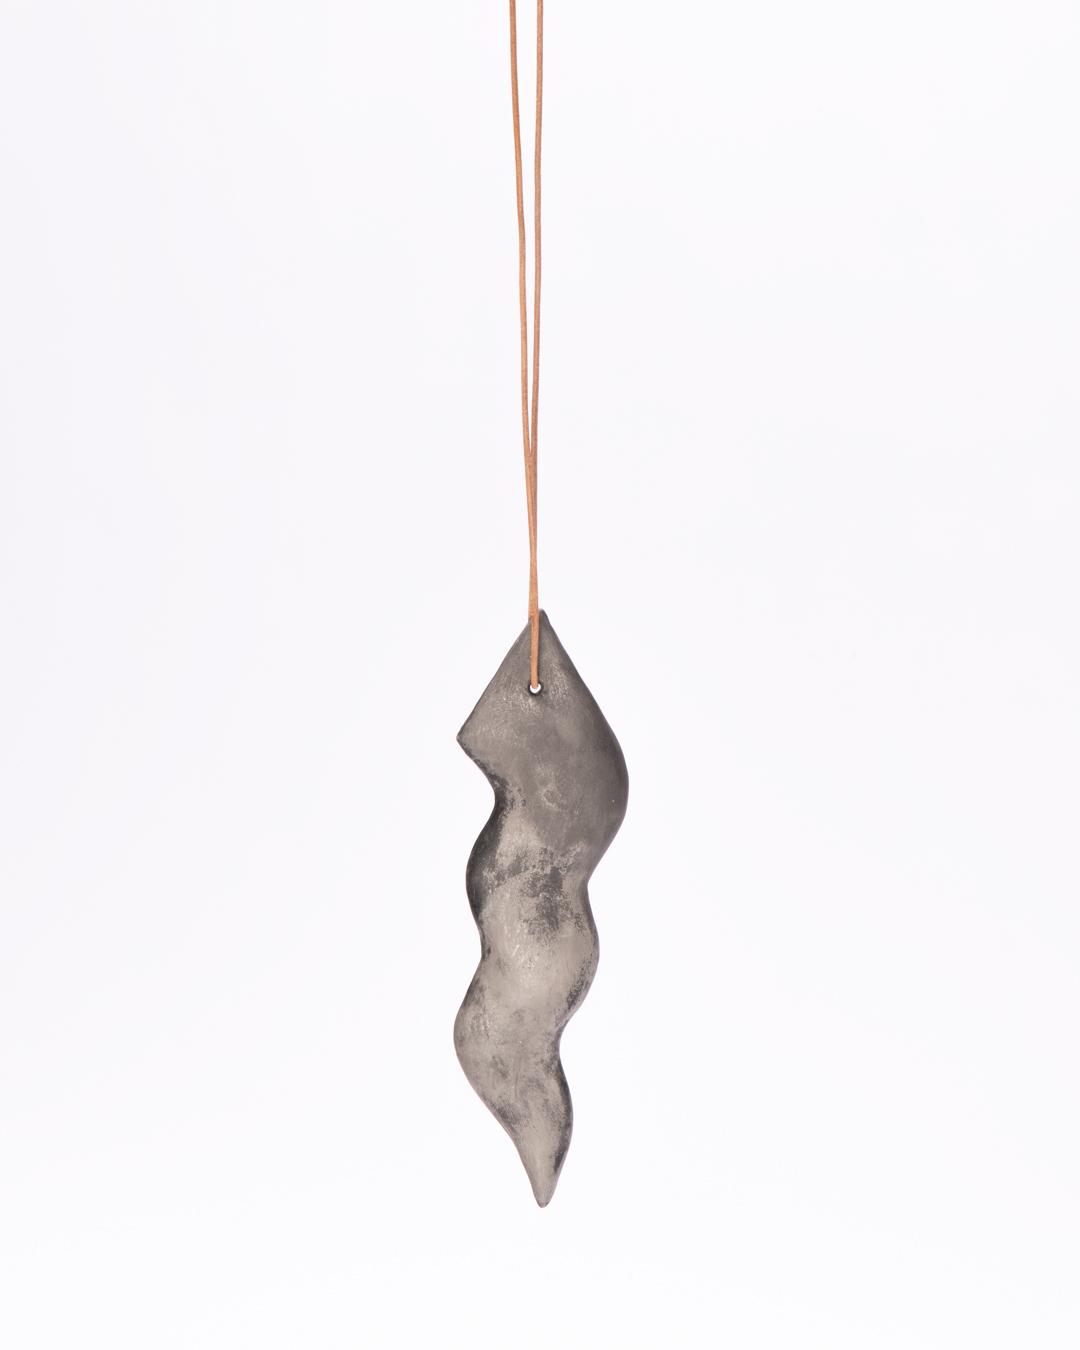 Julia Walter, zonder titel, 2020, hanger, hout, mineralen, pigmenten, acrylverf, leren koord, 180 x 50 x 10 mm € 485